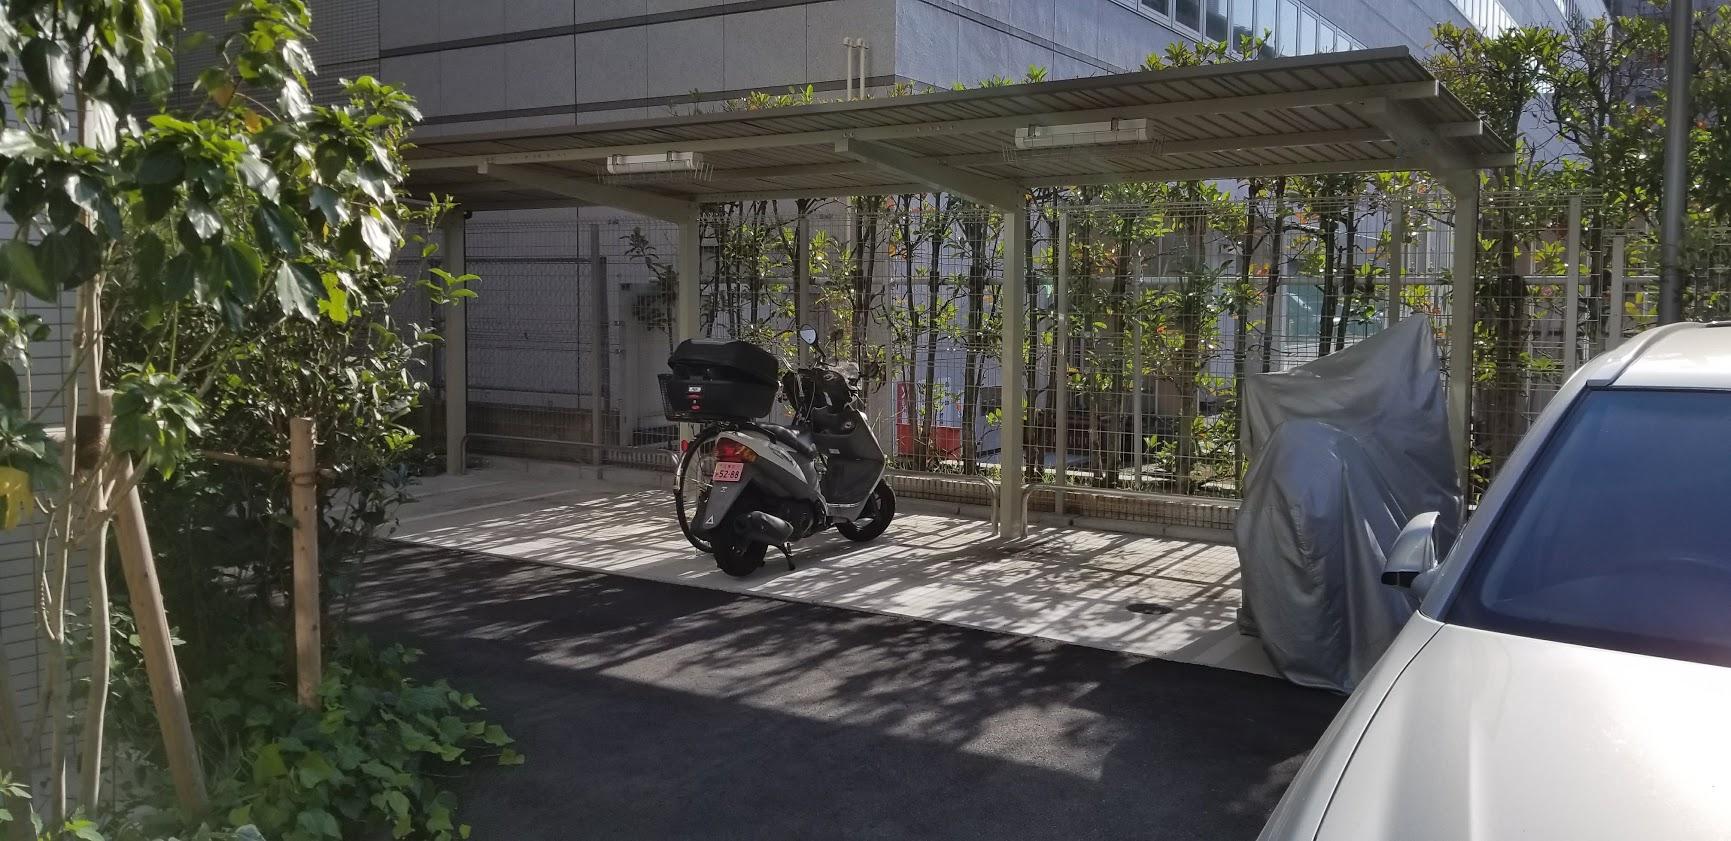 リビオレゾン東陽町ステーションプレミアのバイク置き場